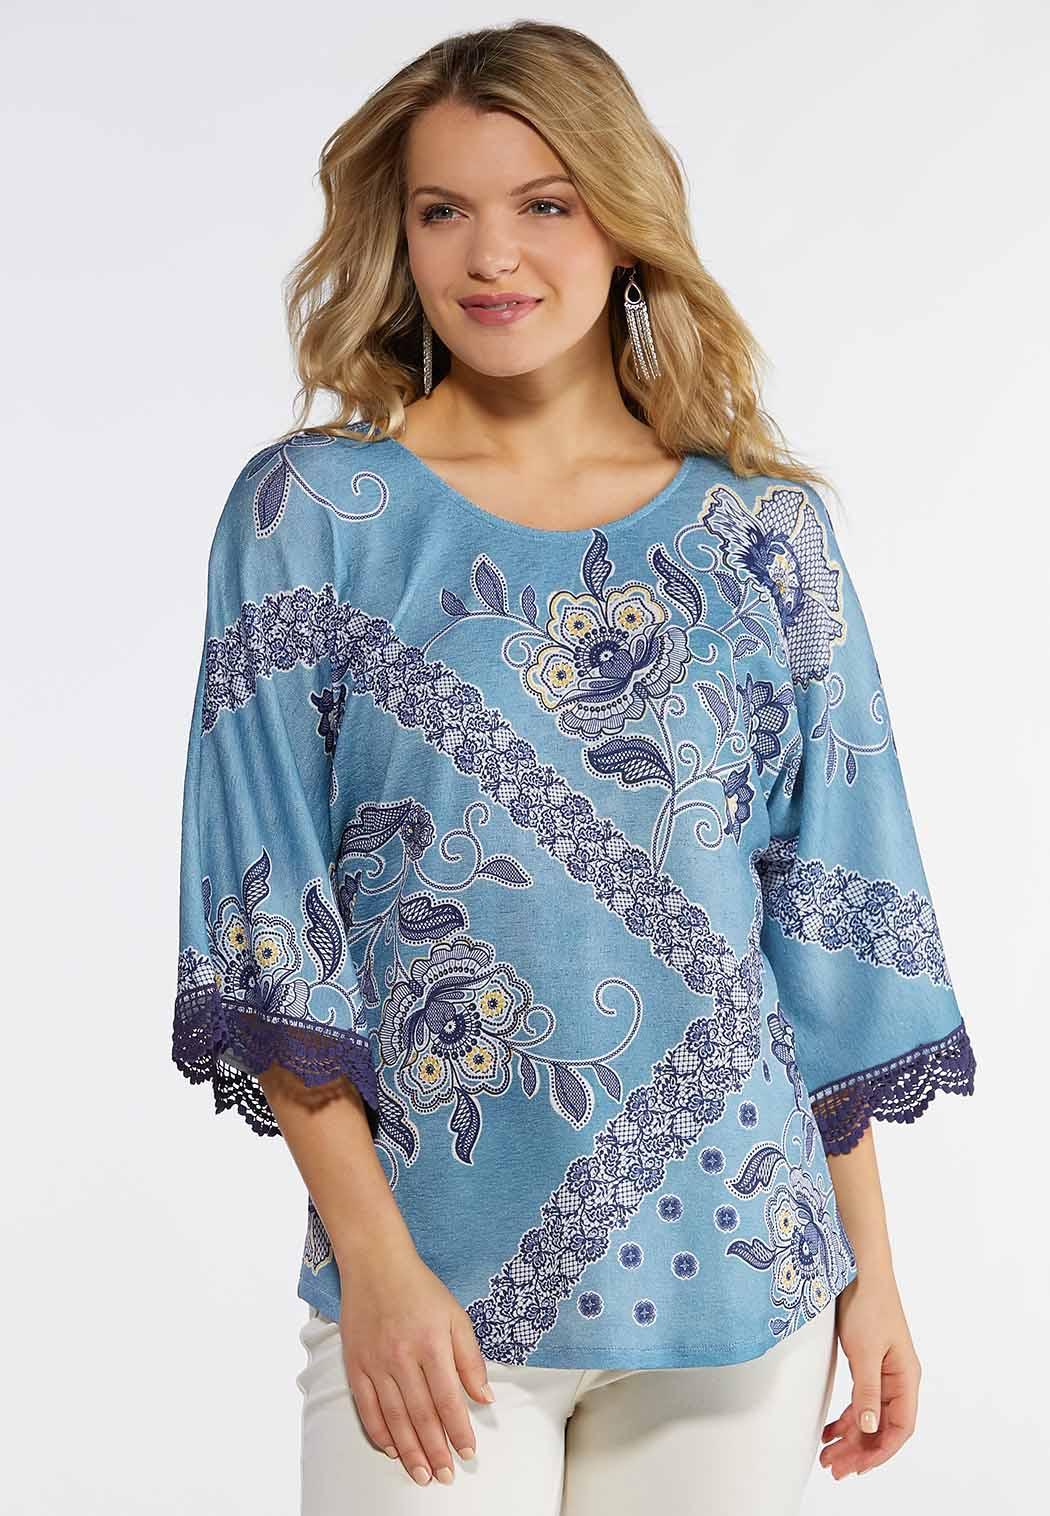 Blue Floral Lace Trim Top